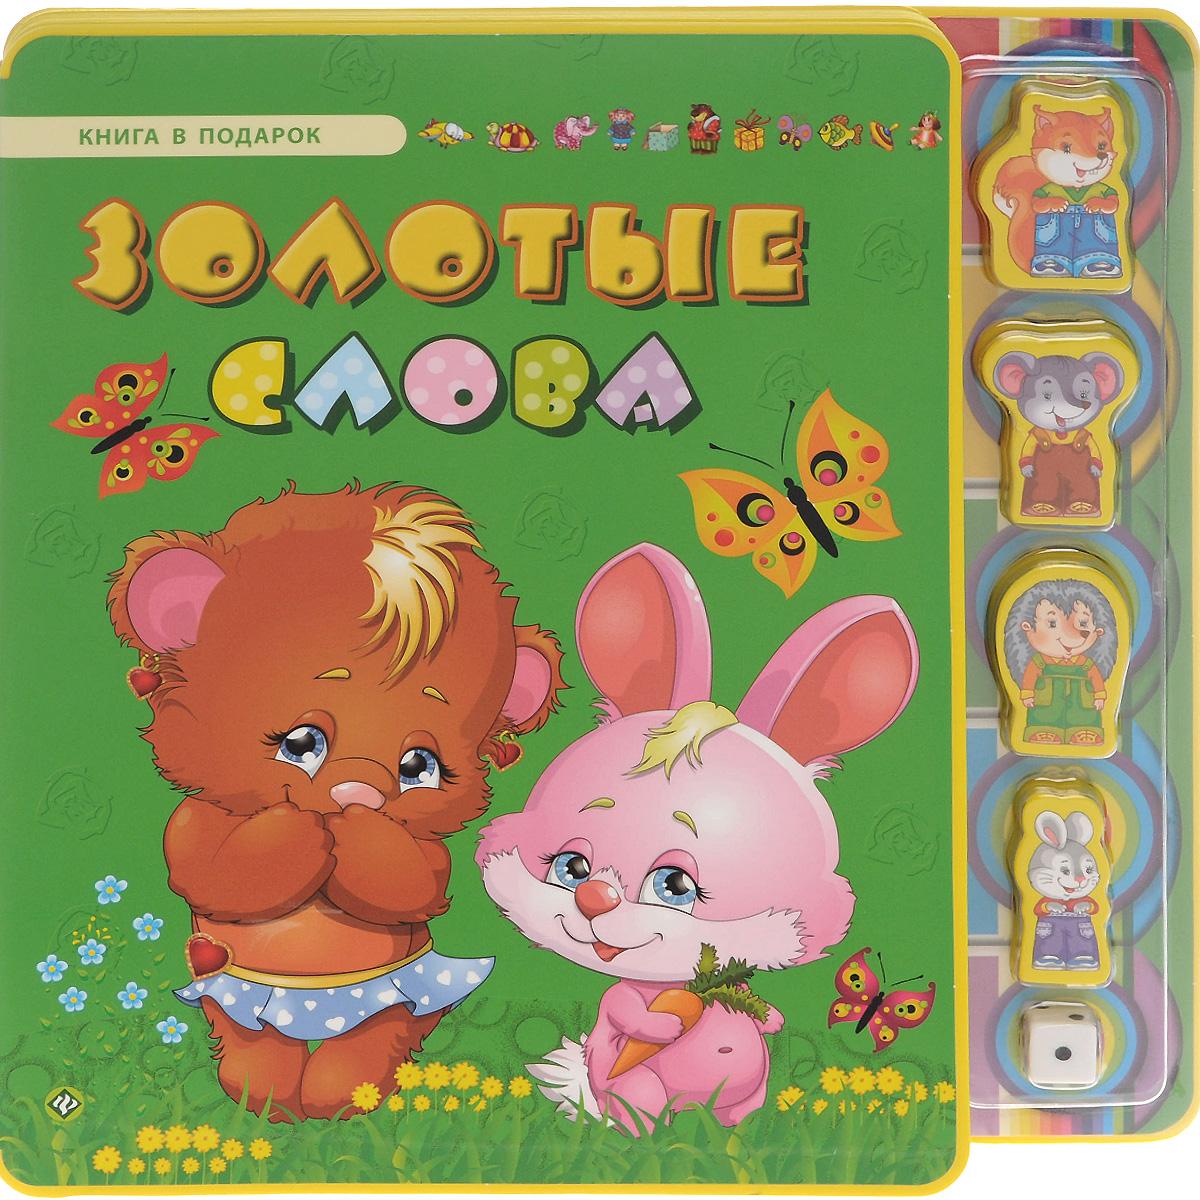 Золотые слова12296407Вашему вниманию предлагается книга для детей ЗОЛОТЫЕ СЛОВА. В середине книжки ребят ждёт сюрприз: увлекательная игра-ходилка По лесным тропинкам. Для игры потребуются фишки по количеству игроков и игральный кубик. Фишками могут служить пуговички или монетки. Роль фишек могут выполнить и весёлые зверушки-игрушки. Страницы сделаны из цветного вспененного полимера (пенки). Книга и игрушки сделаны из экологически чистых материалов, безопасных для детей. Размер одной игрушки: 5 см х 3 см х 1,5 см. Размер кубика: 1,5 см х 1,5 см х 1,5 см. Для детей дошкольного возраста. Для чтения взрослыми детям.